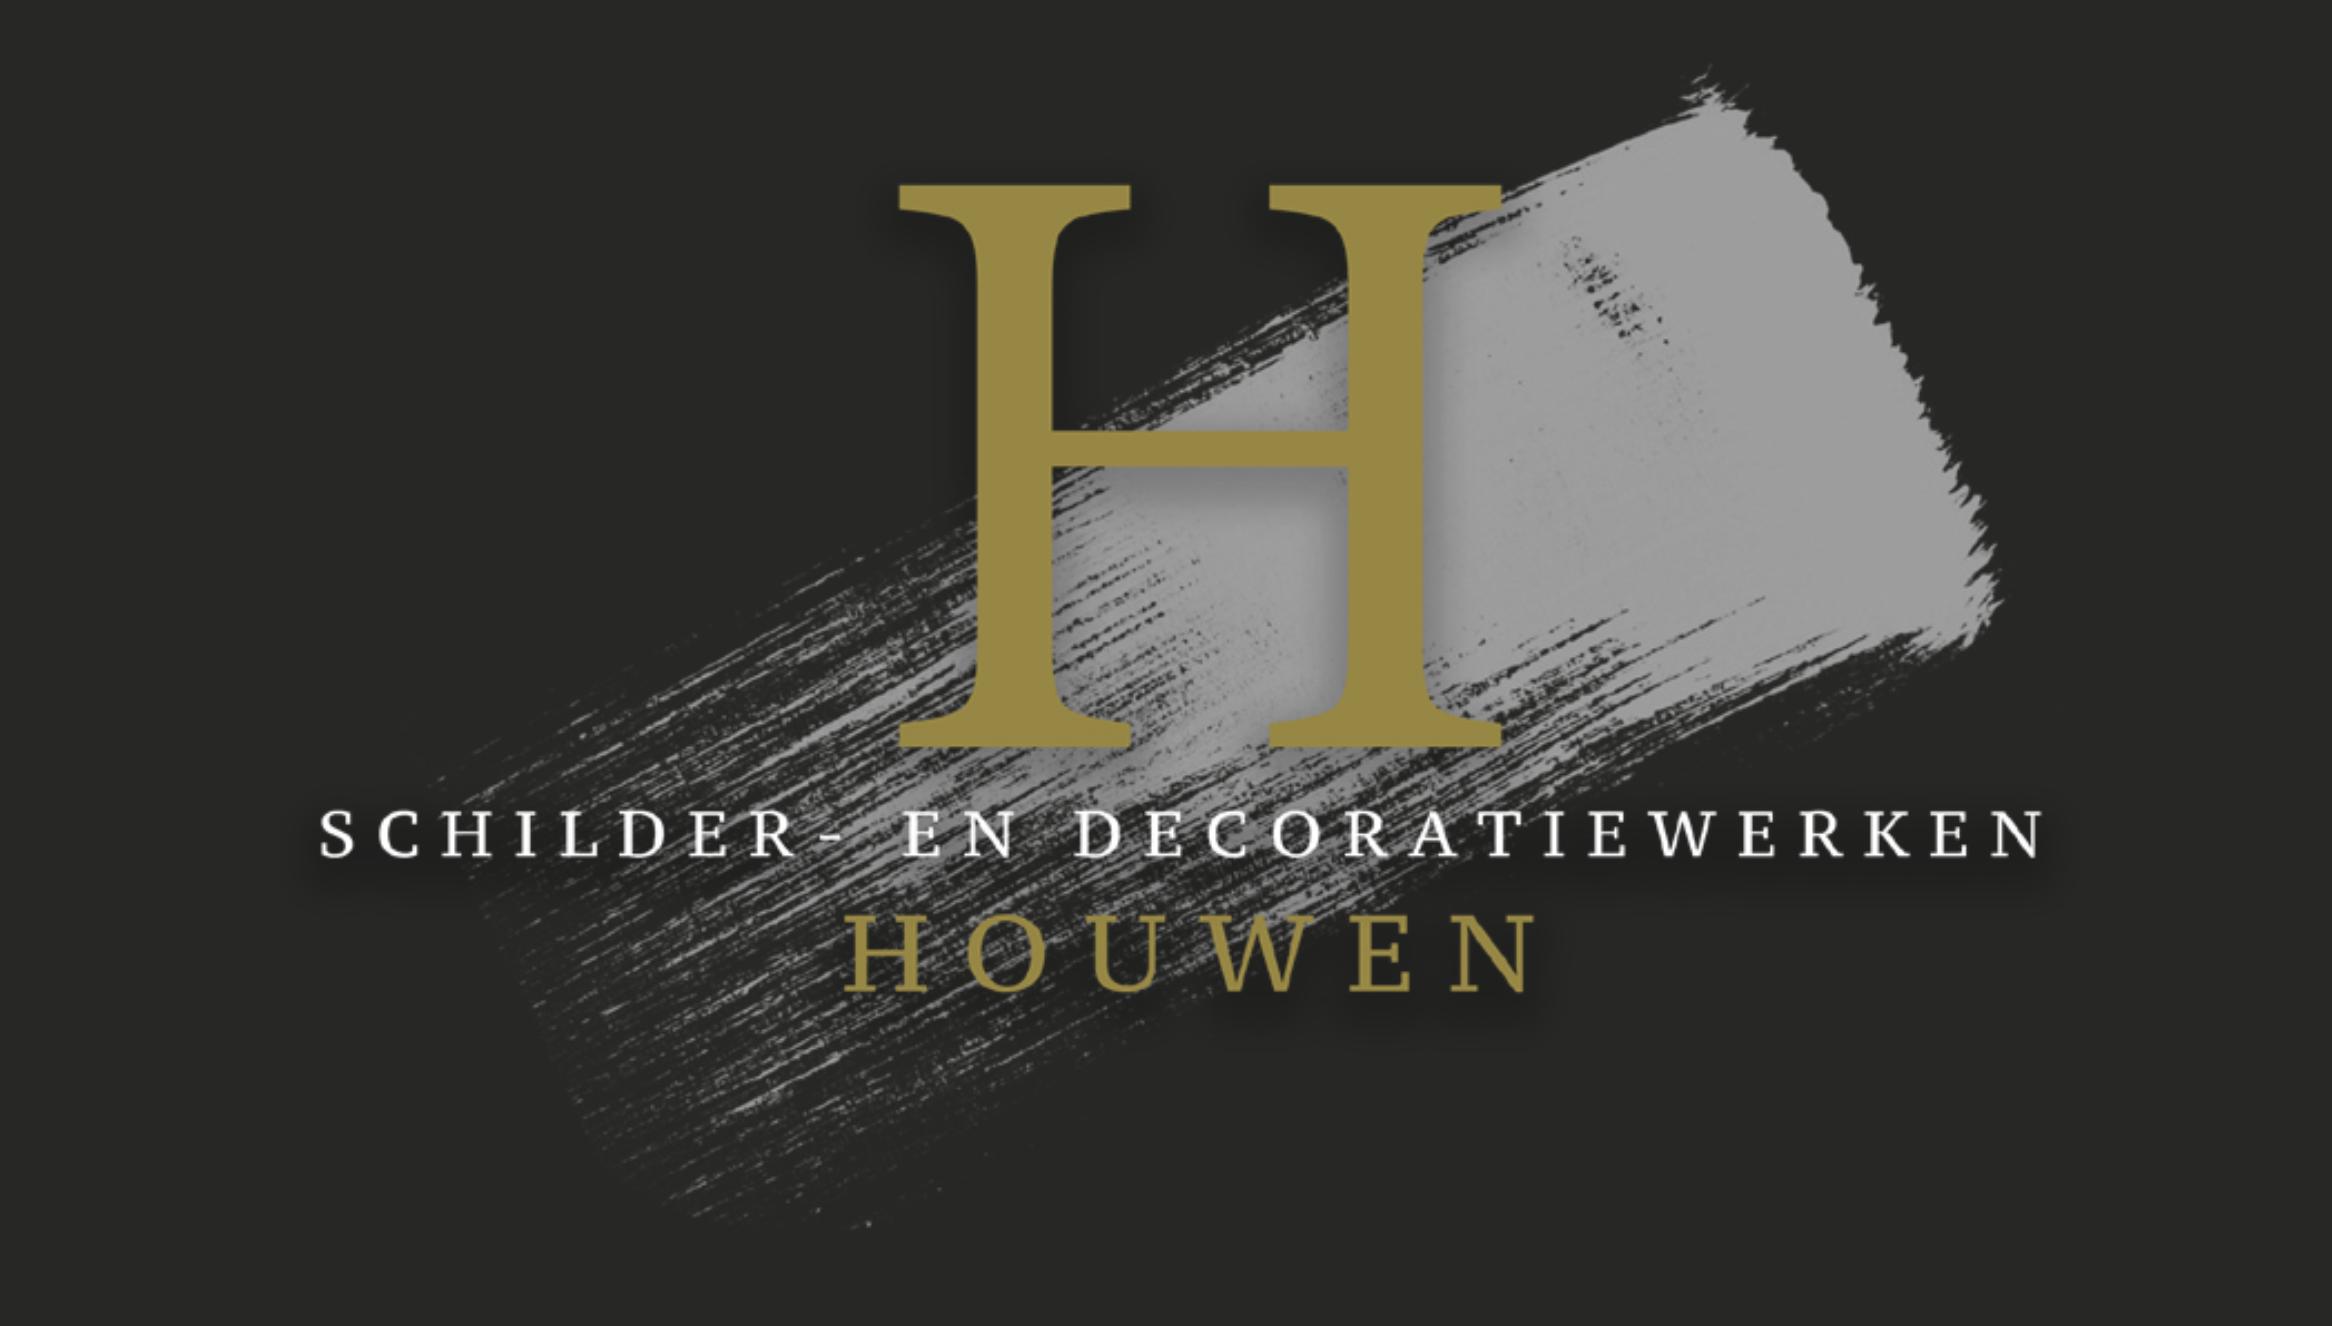 Schilder- en decoratiewerken